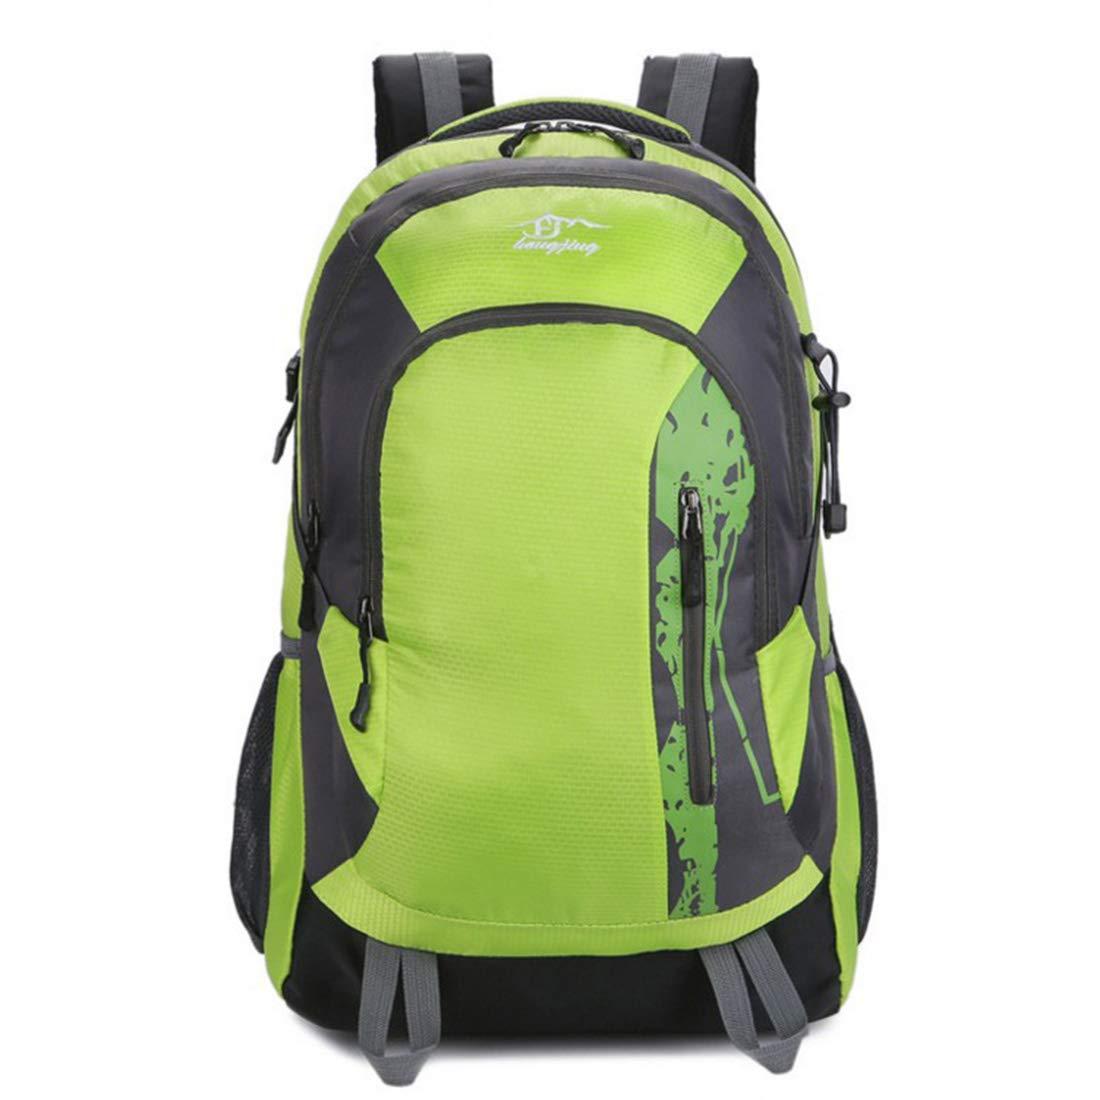 Kunliyin YY1 Outdoor Sports Wasserdichte Doppel Schulter Bergsteigenbeutel (Farbe : Grün)